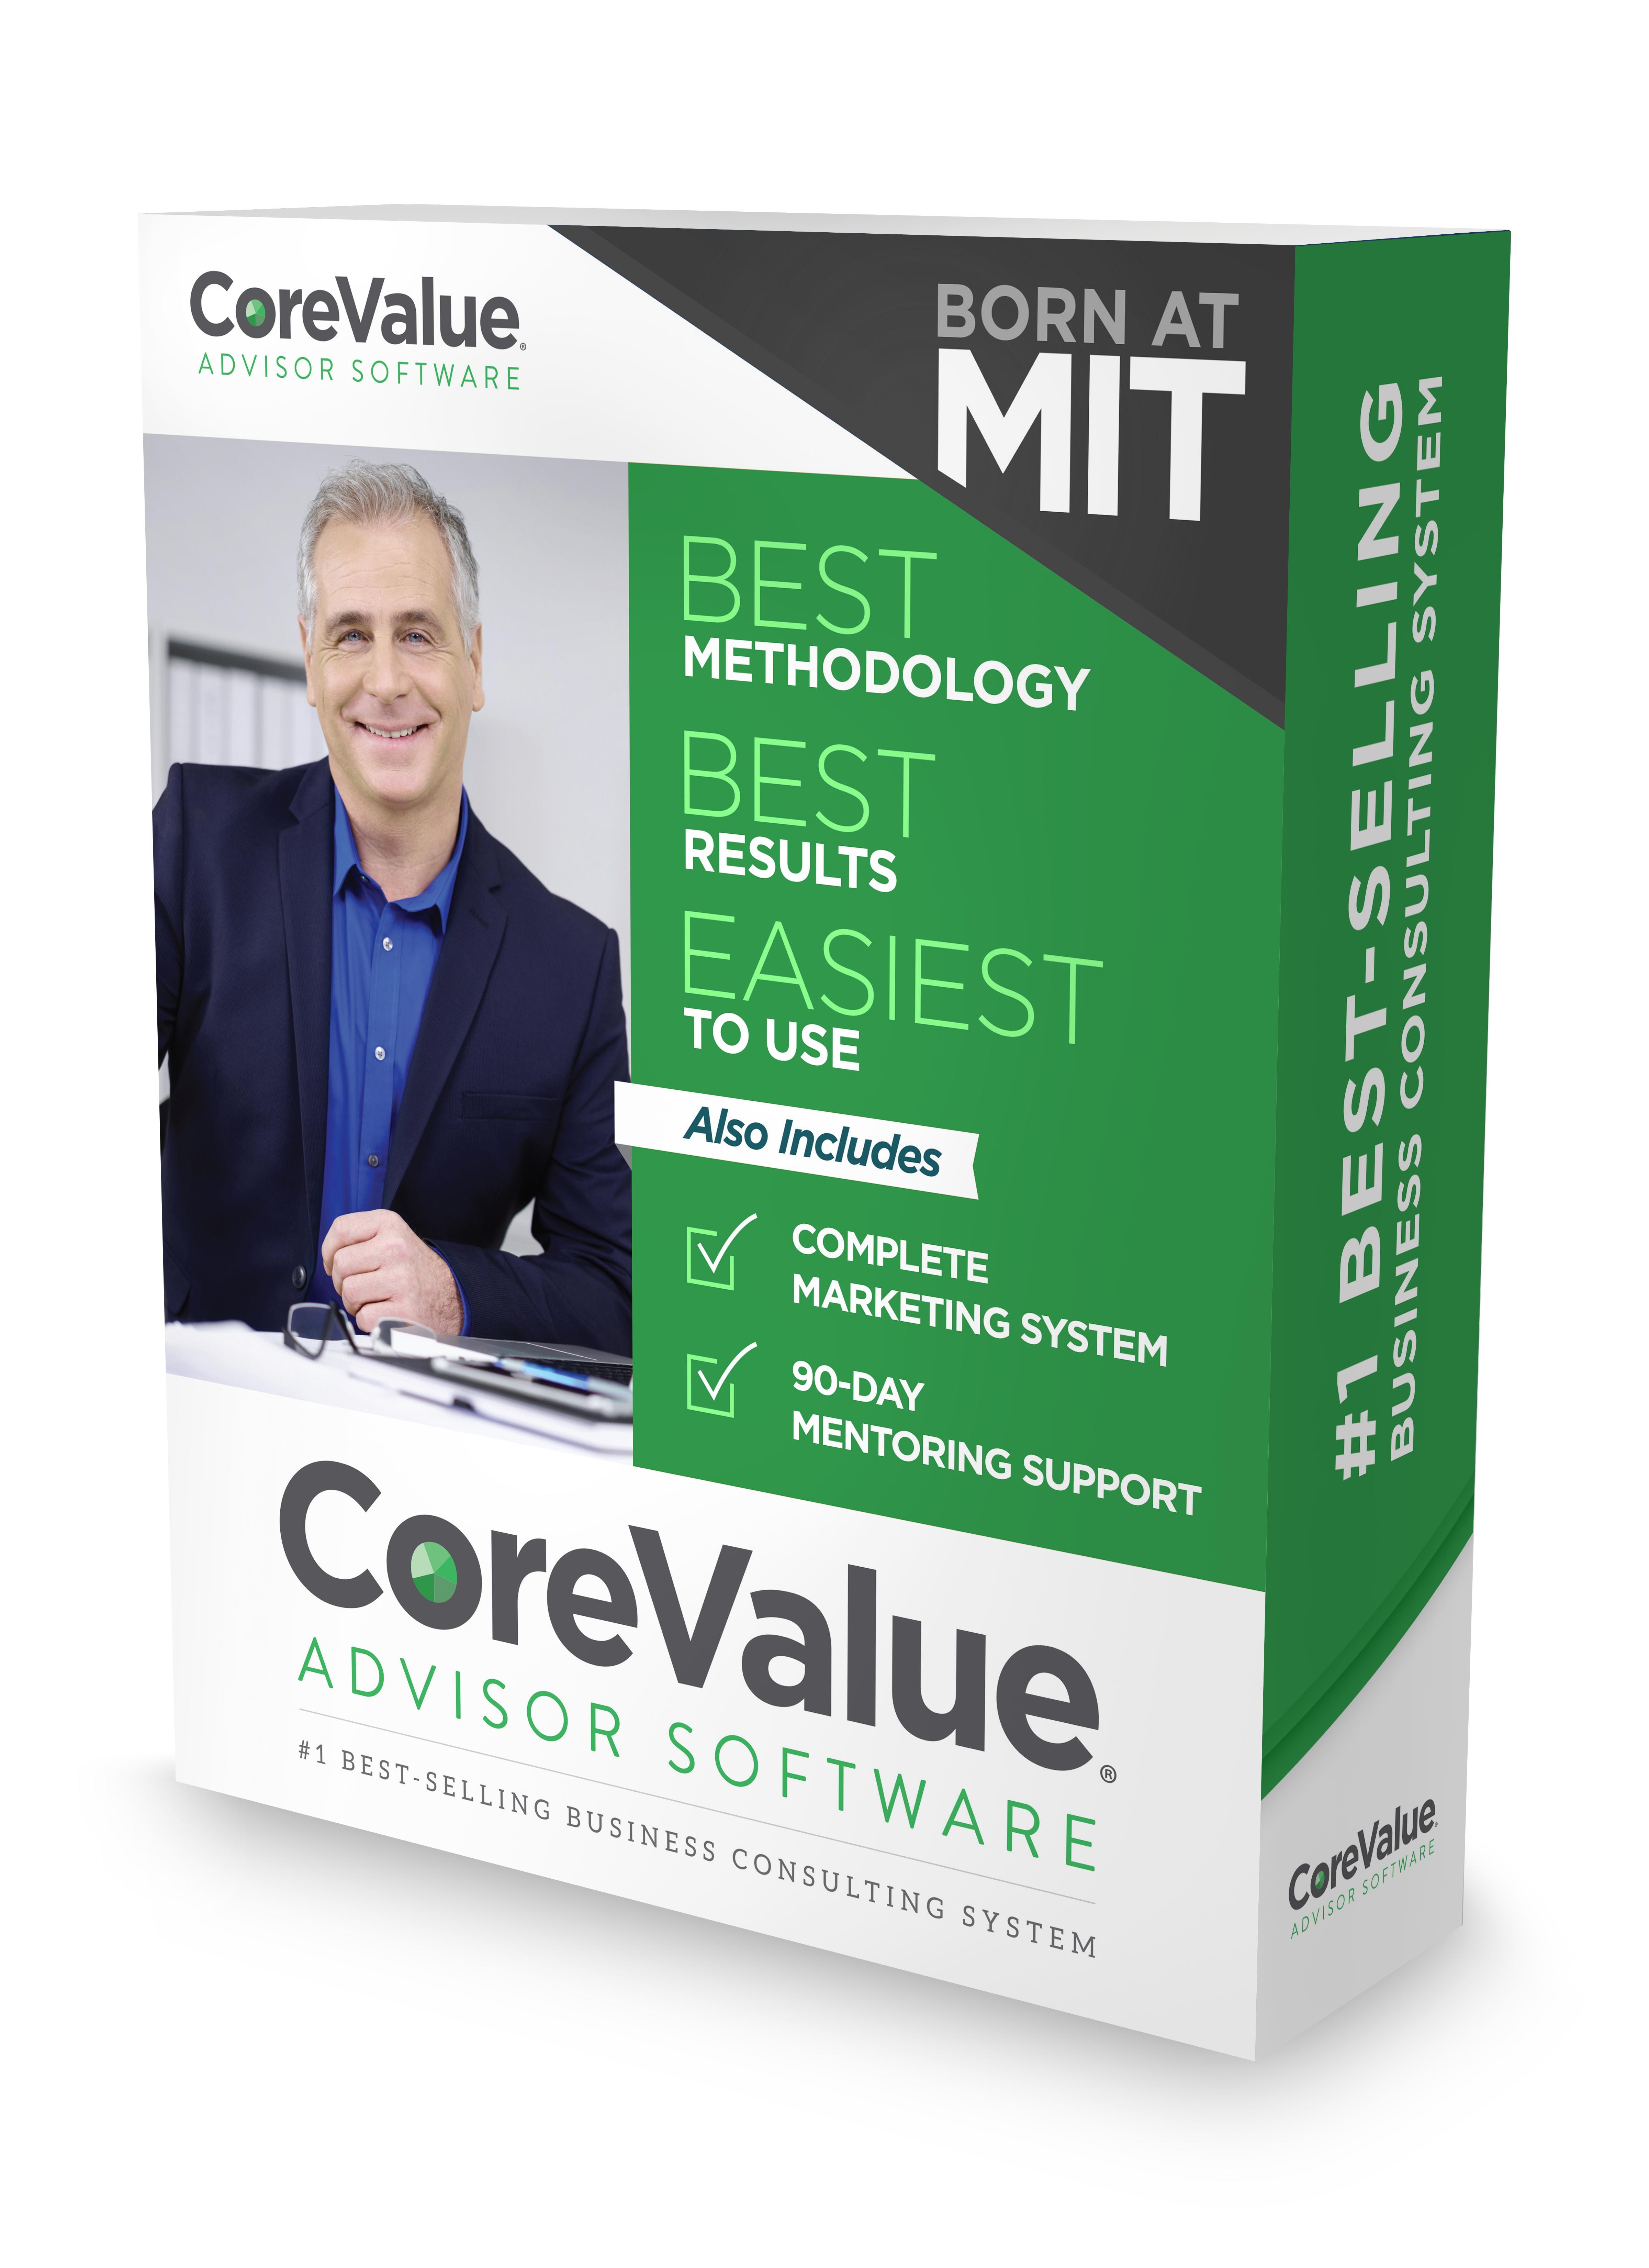 CoreValue Advisor-3D-Box-LEFT.jpg